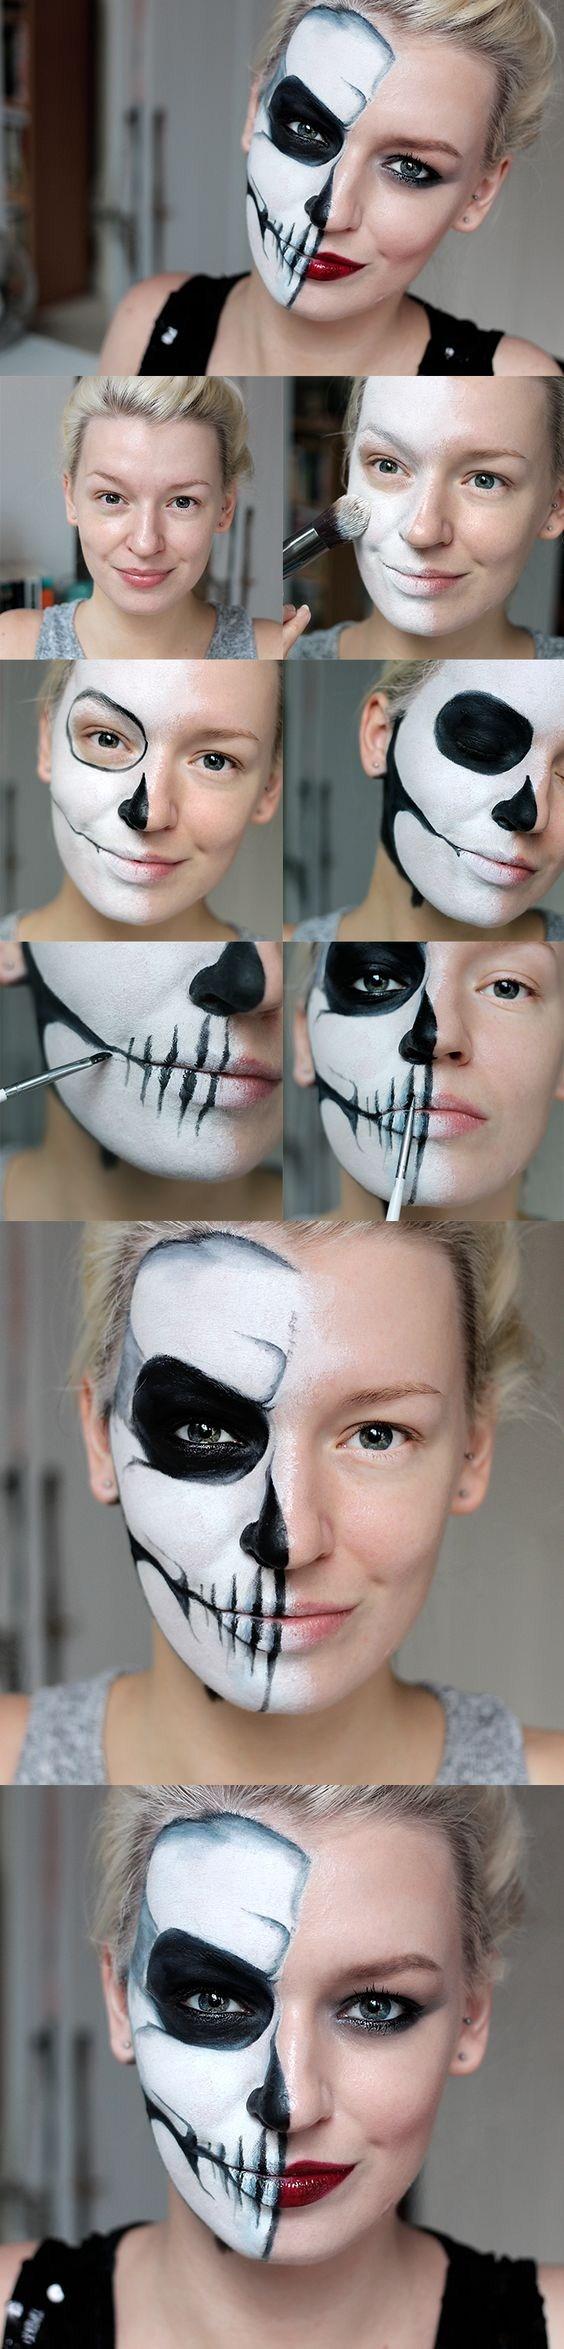 halloween_makeup_inspirations22